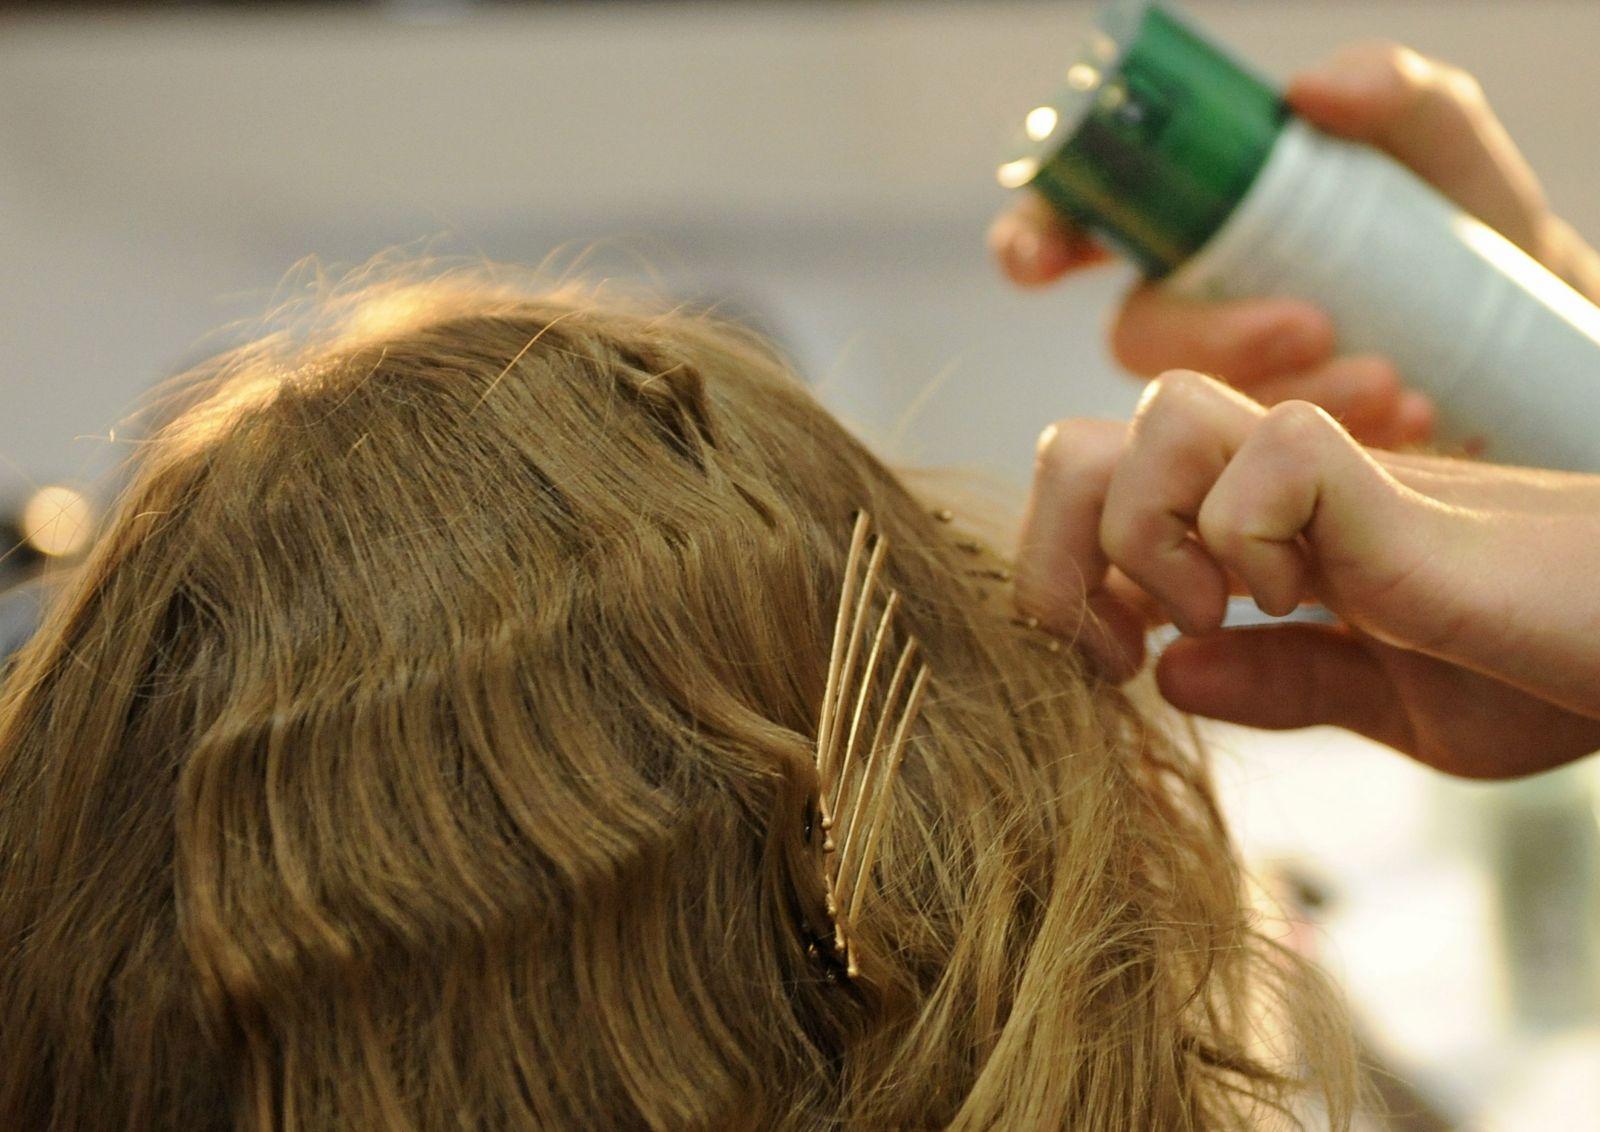 Сонник клок волос в руках своих 259